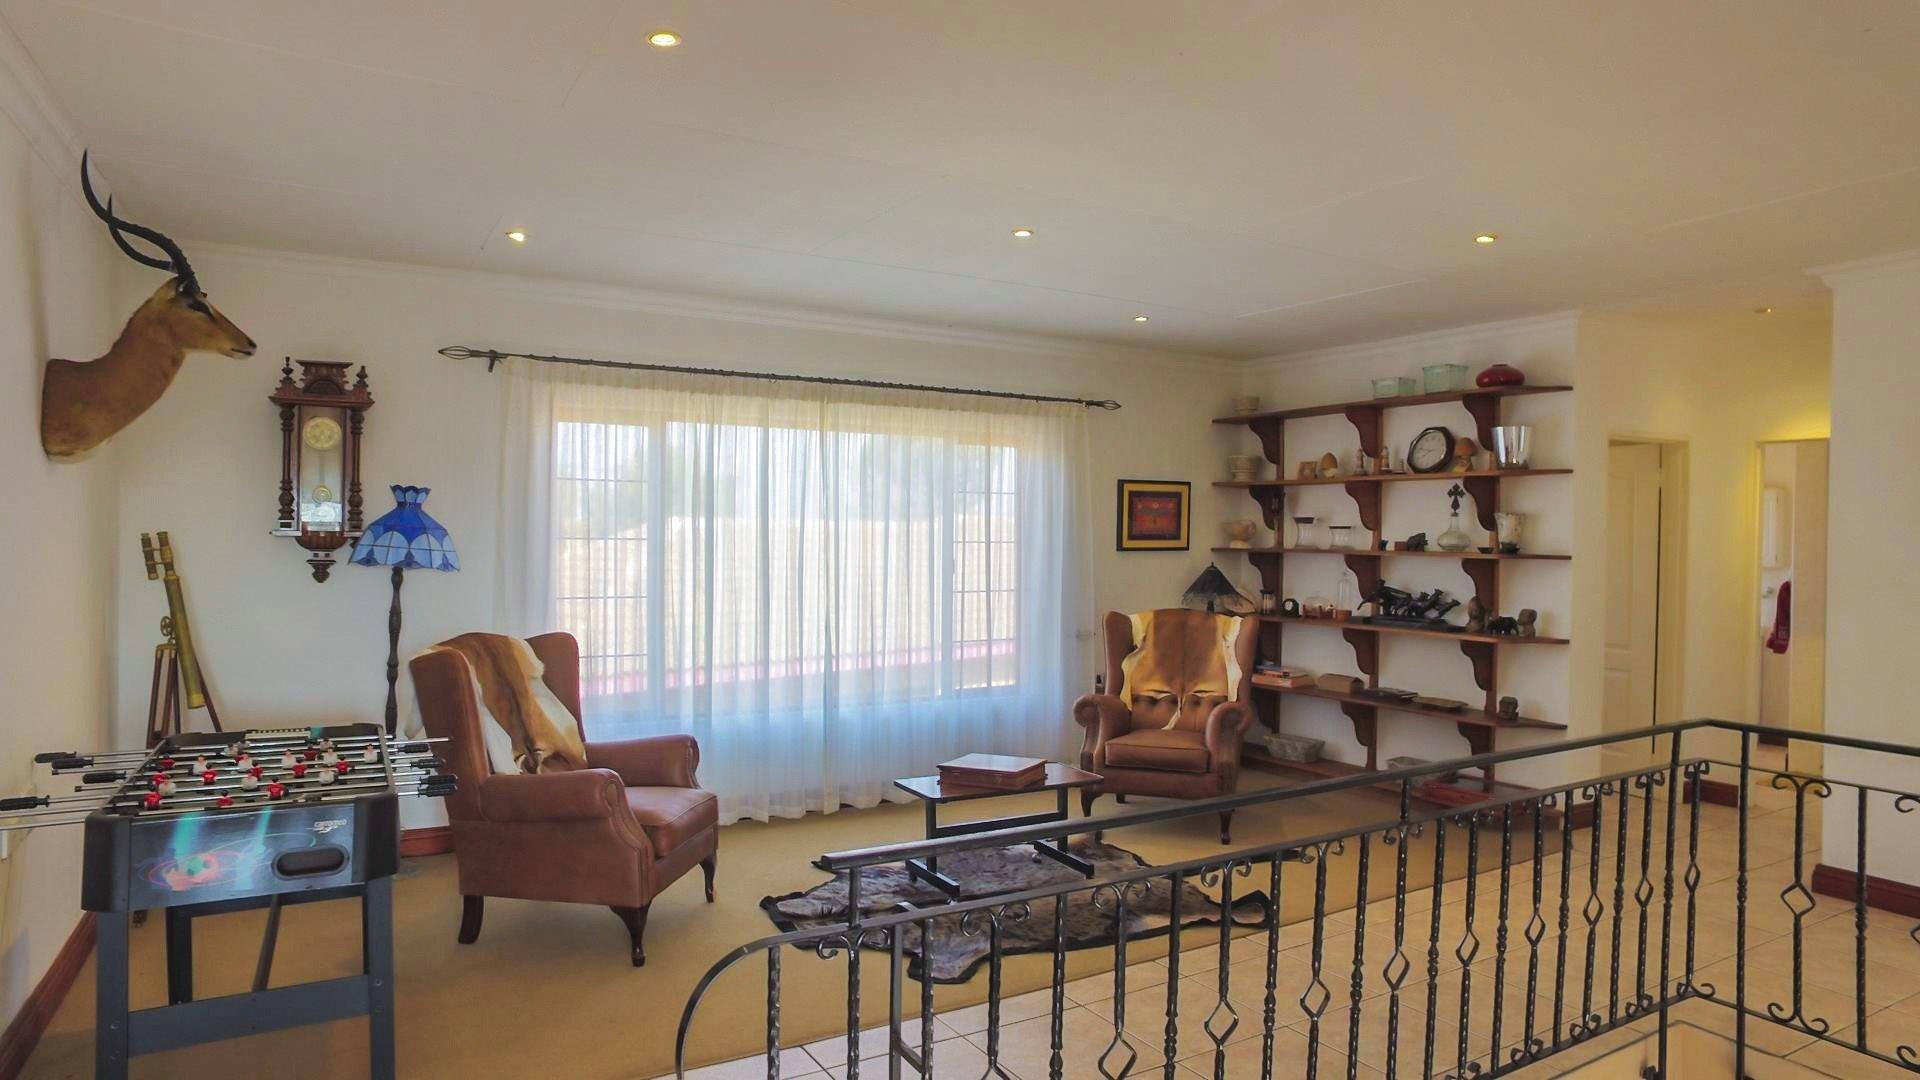 Irene Glen Estate property for sale. Ref No: 13471902. Picture no 2